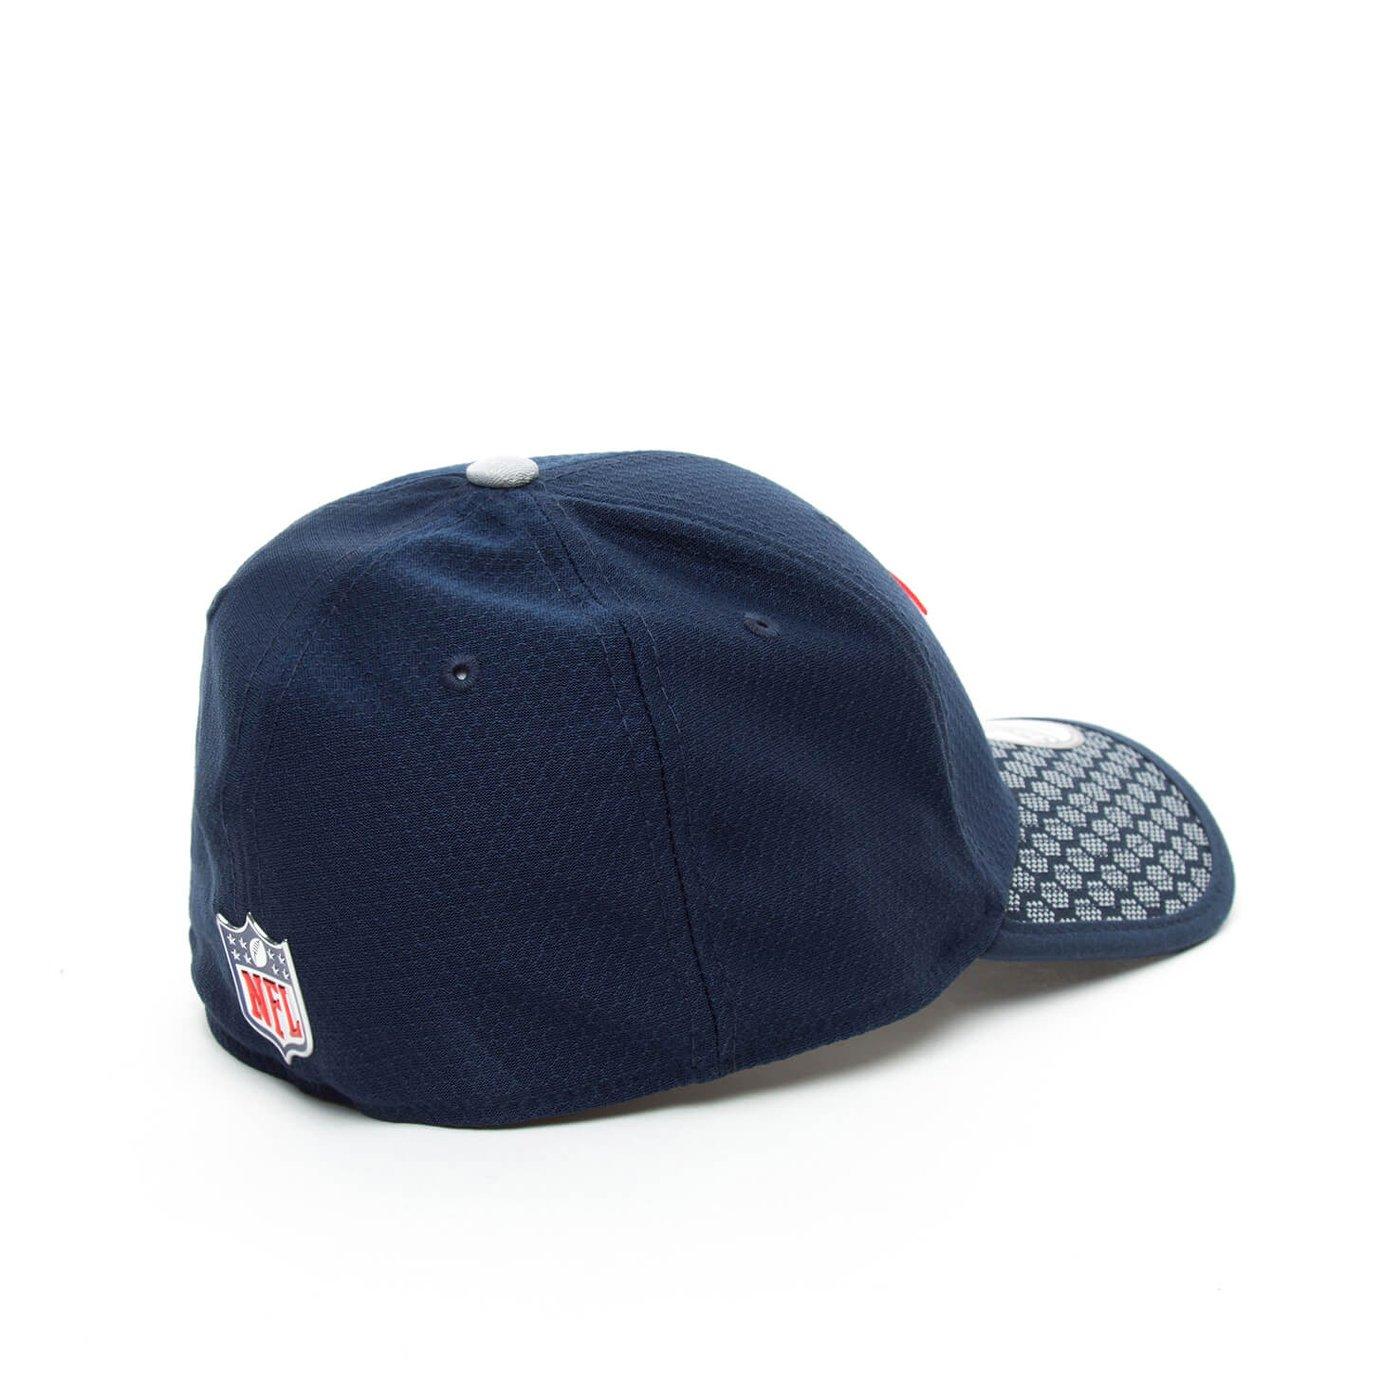 New Era New England Patriots Unisex Lacivert Şapka Kadin Şapka ... d4a70b603d